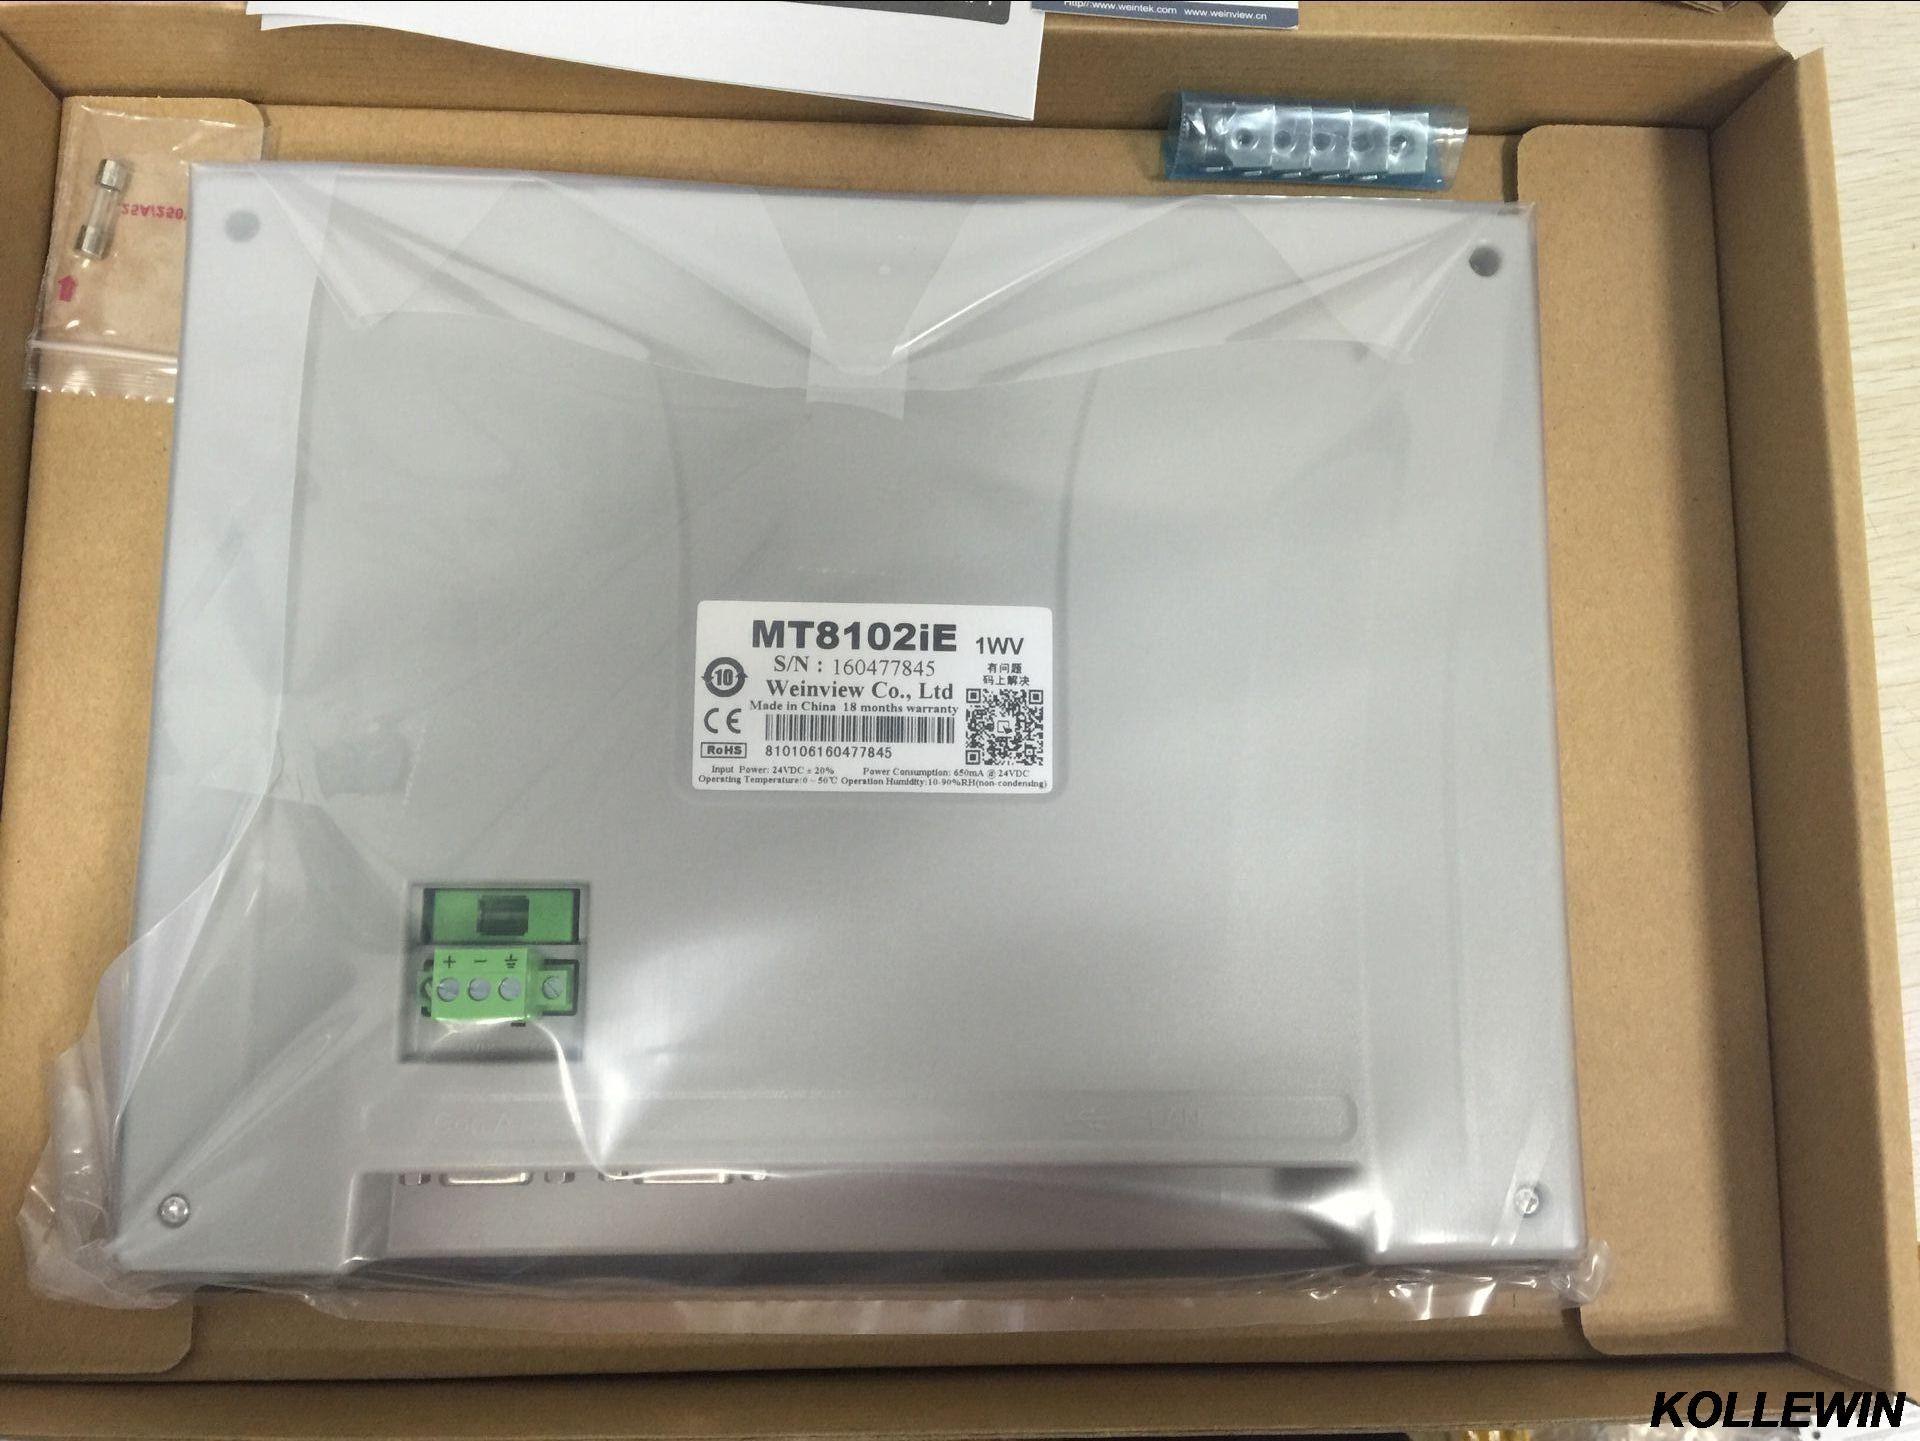 MT8102iE Neue original Weintek Weinview HMI 10,1 zoll Touchscreen 1024x600 Ethernet ersetzen MT8101iE MT8100iE 1 jahr garantie